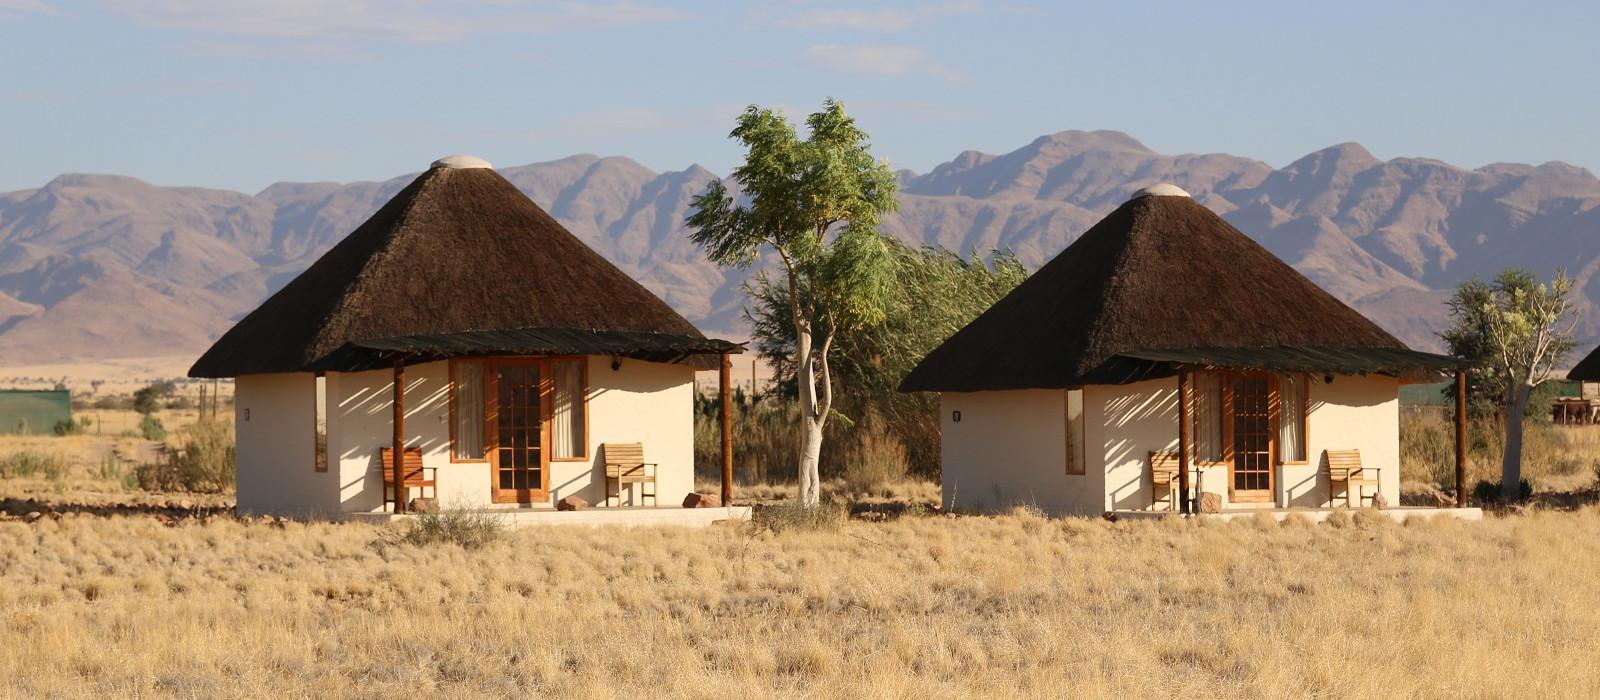 Hotel Desert Homestead Outpost Namibia